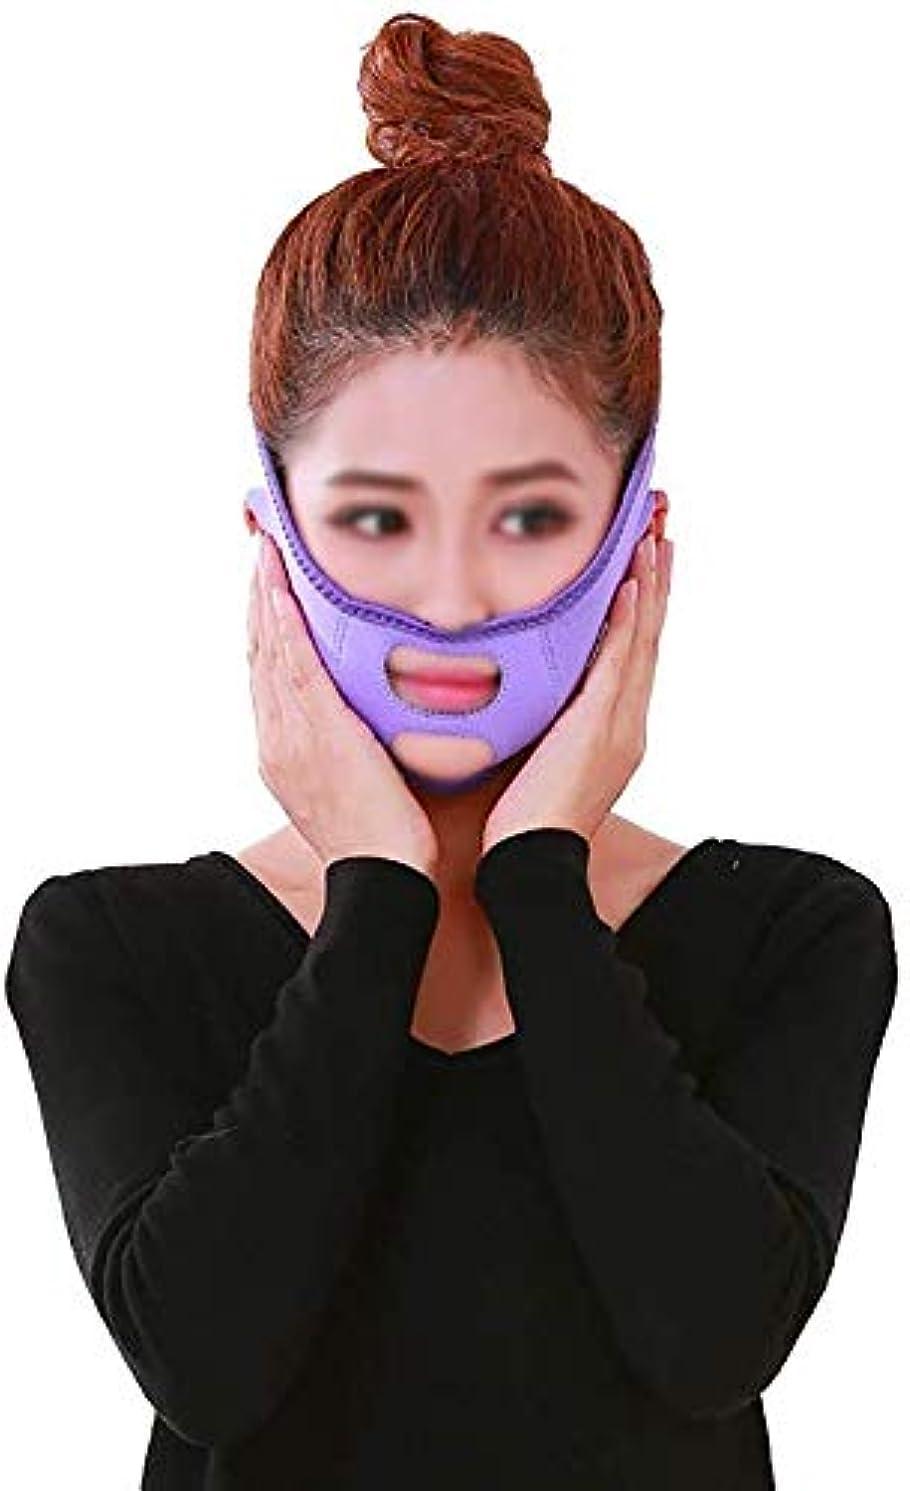 テープ生産的相手美容と実用的なフェイスリフトフェイシャル、肌のリラクゼーションを防ぐためのタイトなVフェイスマスクVフェイスアーティファクトフェイスリフトバンデージフェイスケア(色:紫)